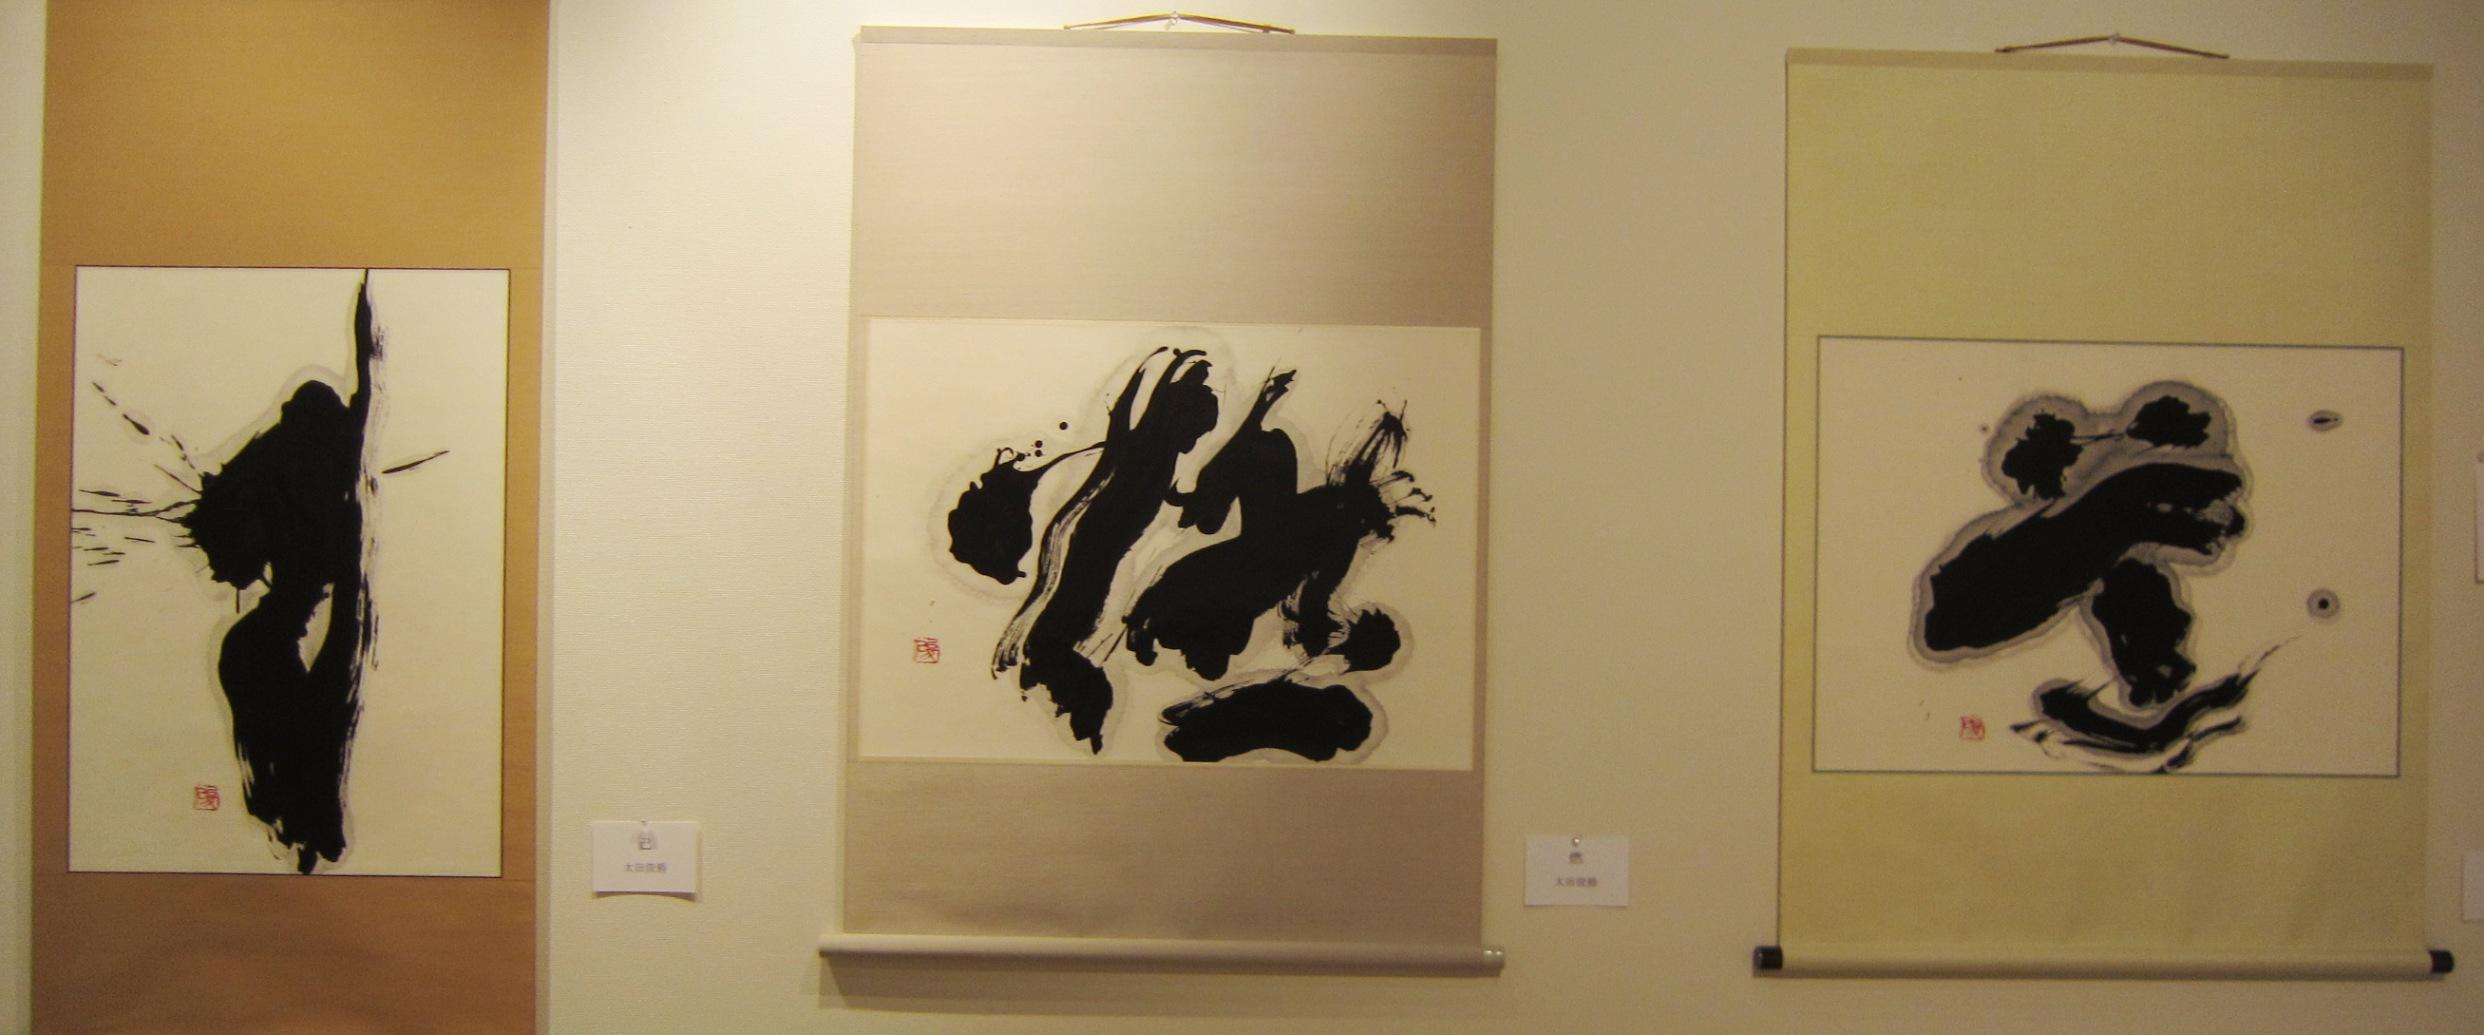 2065)「[現代書と彫刻のコラボレーション] -環境空間アートの提案-」 エッセ 5月21日(火)~5月26日(日)_f0126829_053275.jpg